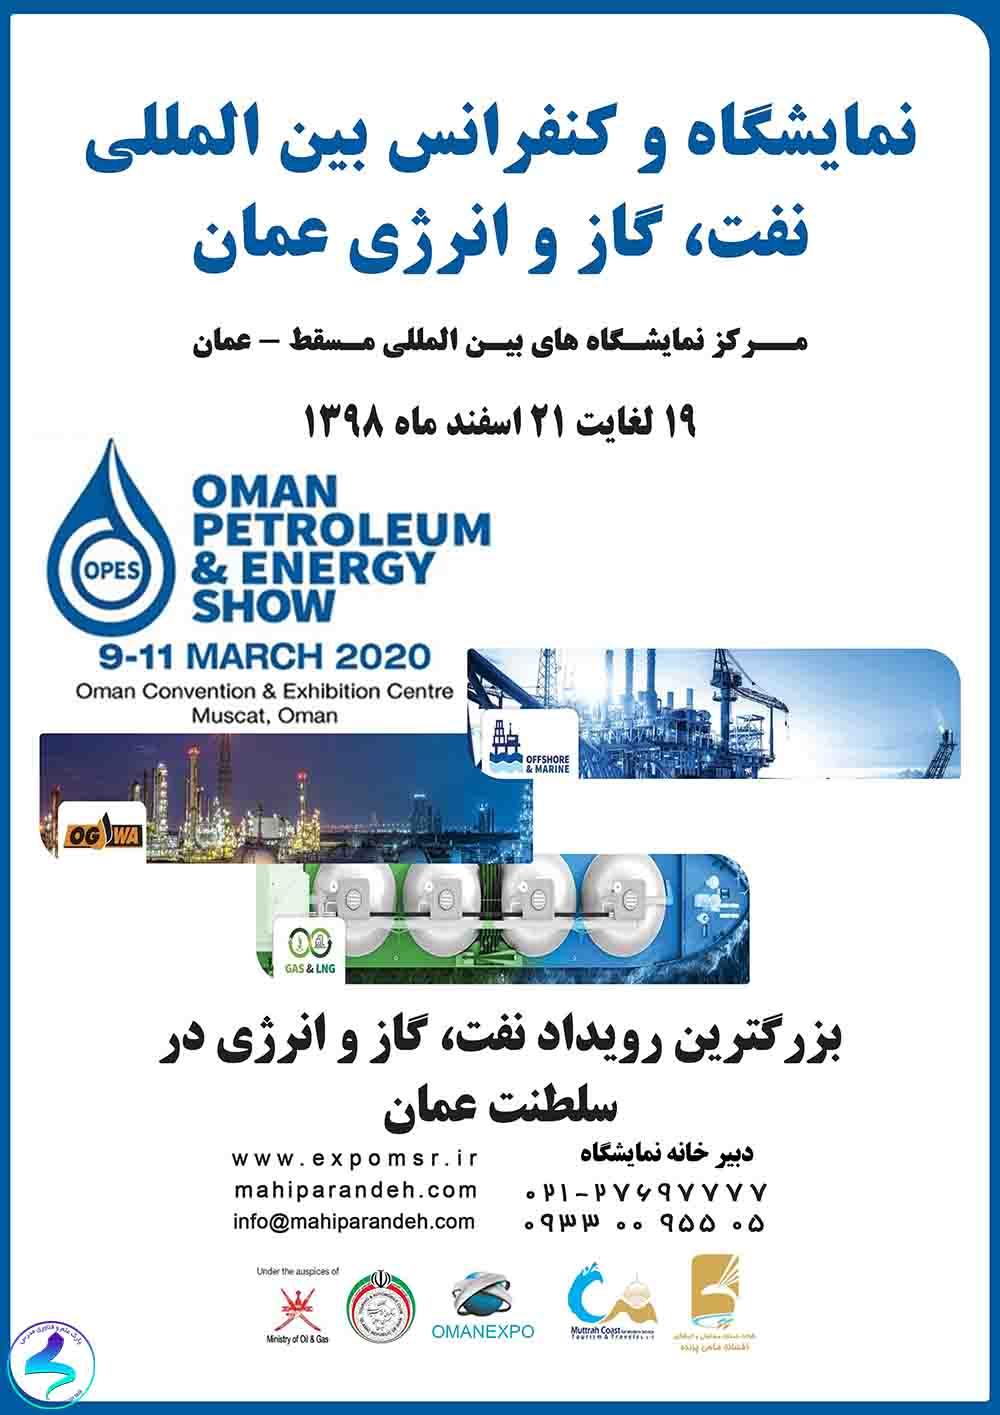 نمایشگاه بینالمللی نفت، گاز و انرژی عمان 2020